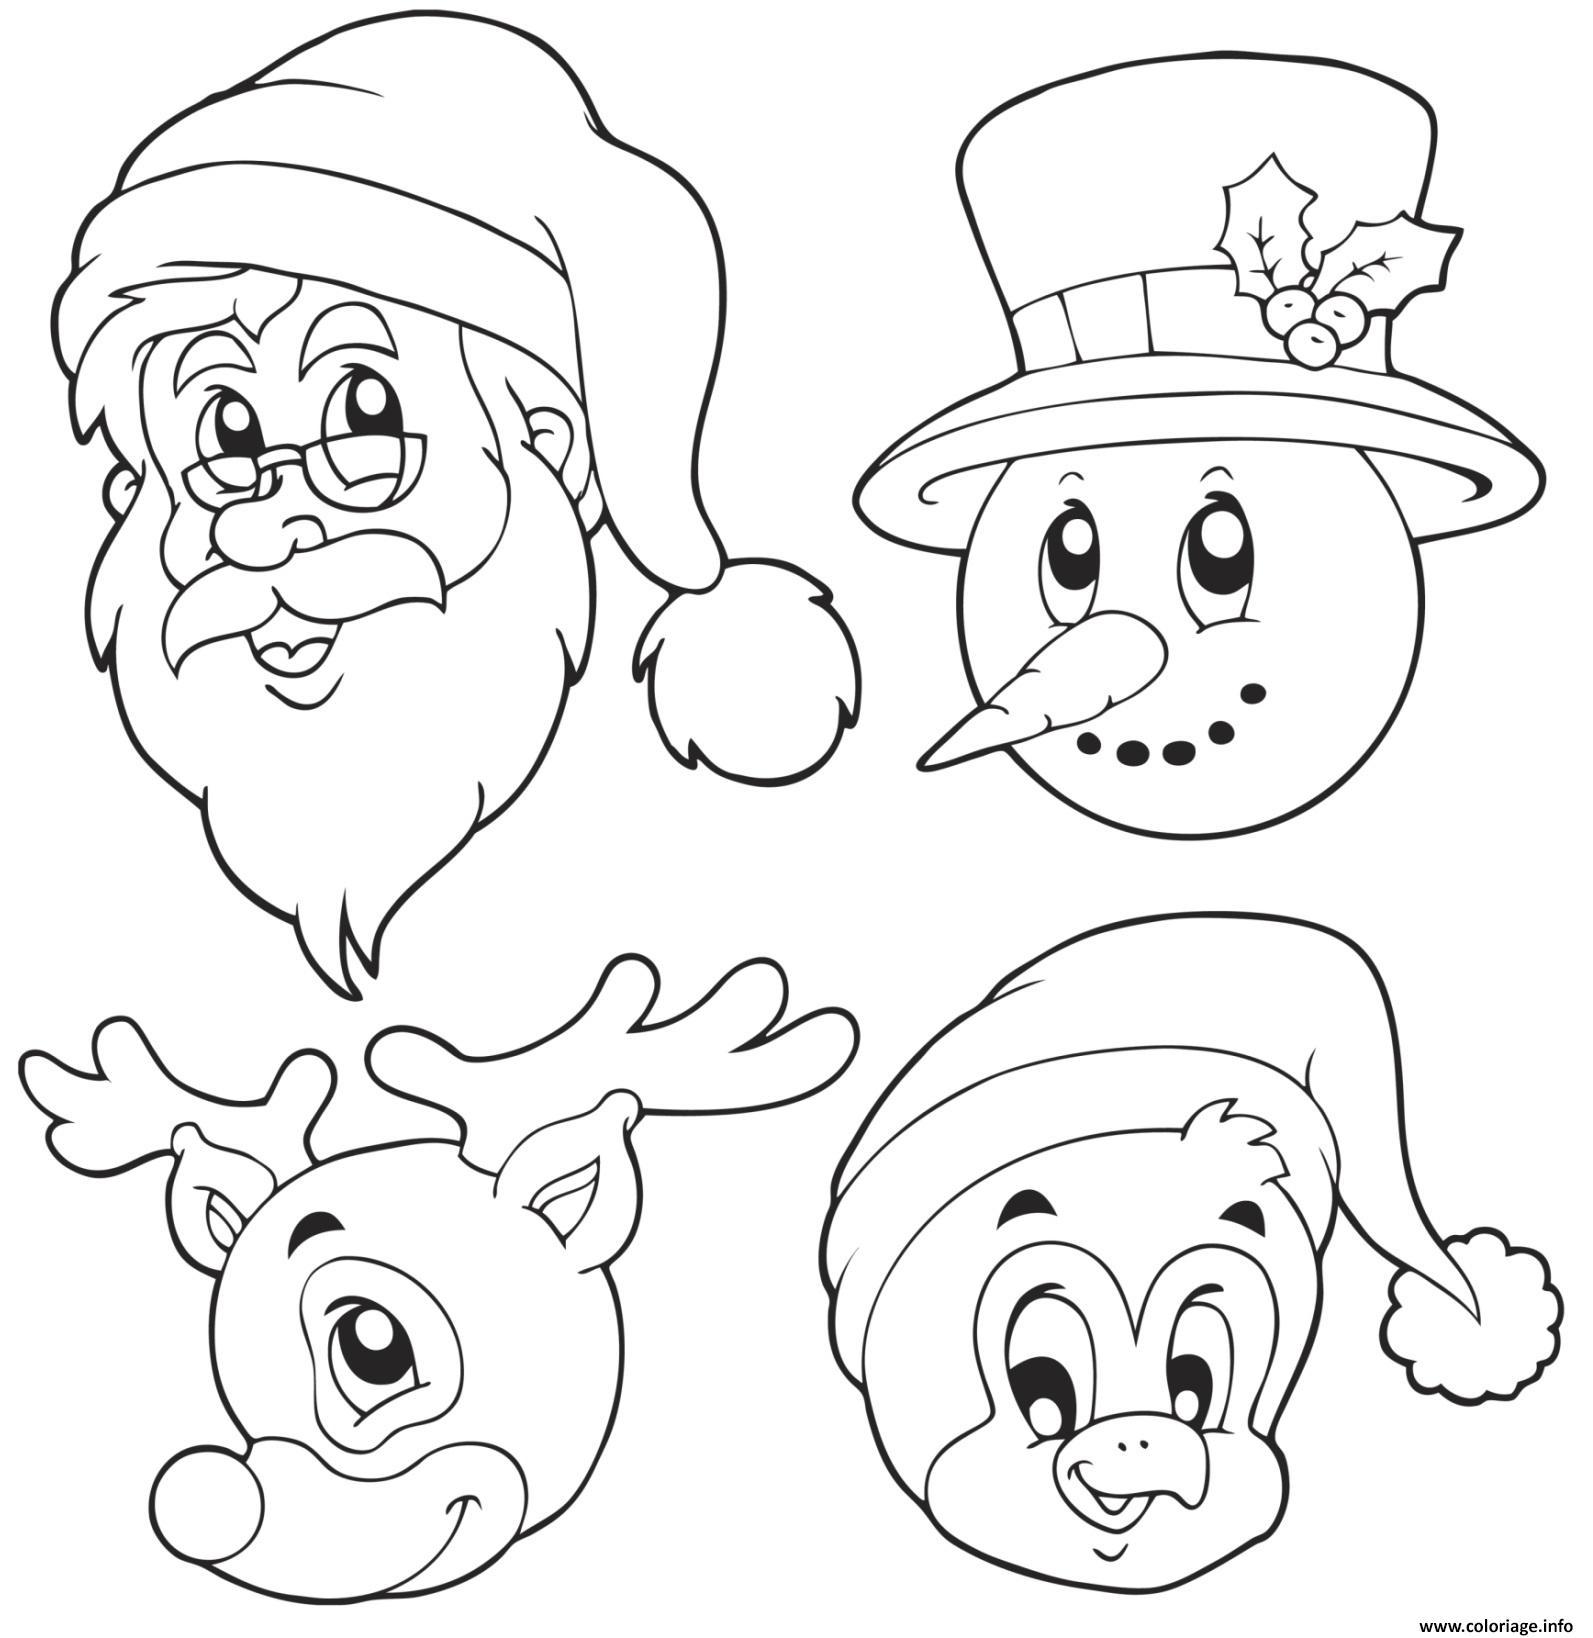 Dessin A Imprimer Noel Reine Des Neiges : coloriage pere noel bonhomme de neige pingouin reine dessin ~ Pogadajmy.info Styles, Décorations et Voitures